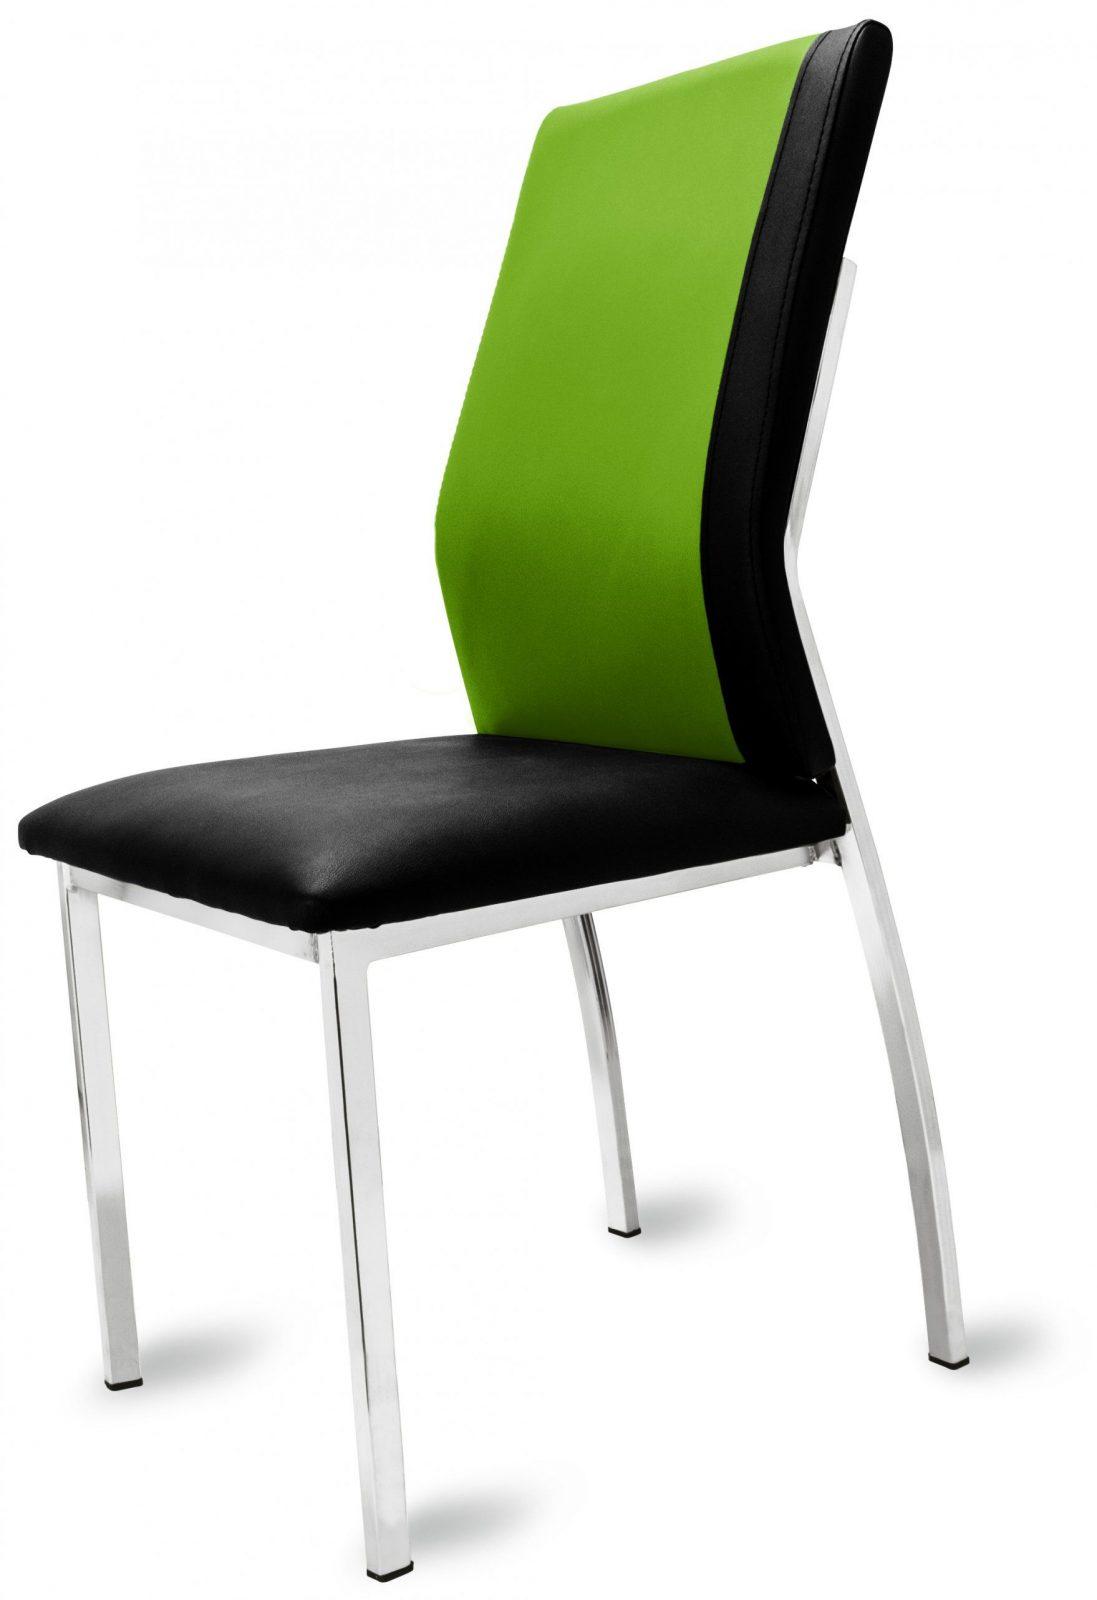 Gastro Stuhl Ergo Schwarzgrün Günstig Kaufen  Möbel Star von Gastronomie Stühle Günstig Kaufen Bild